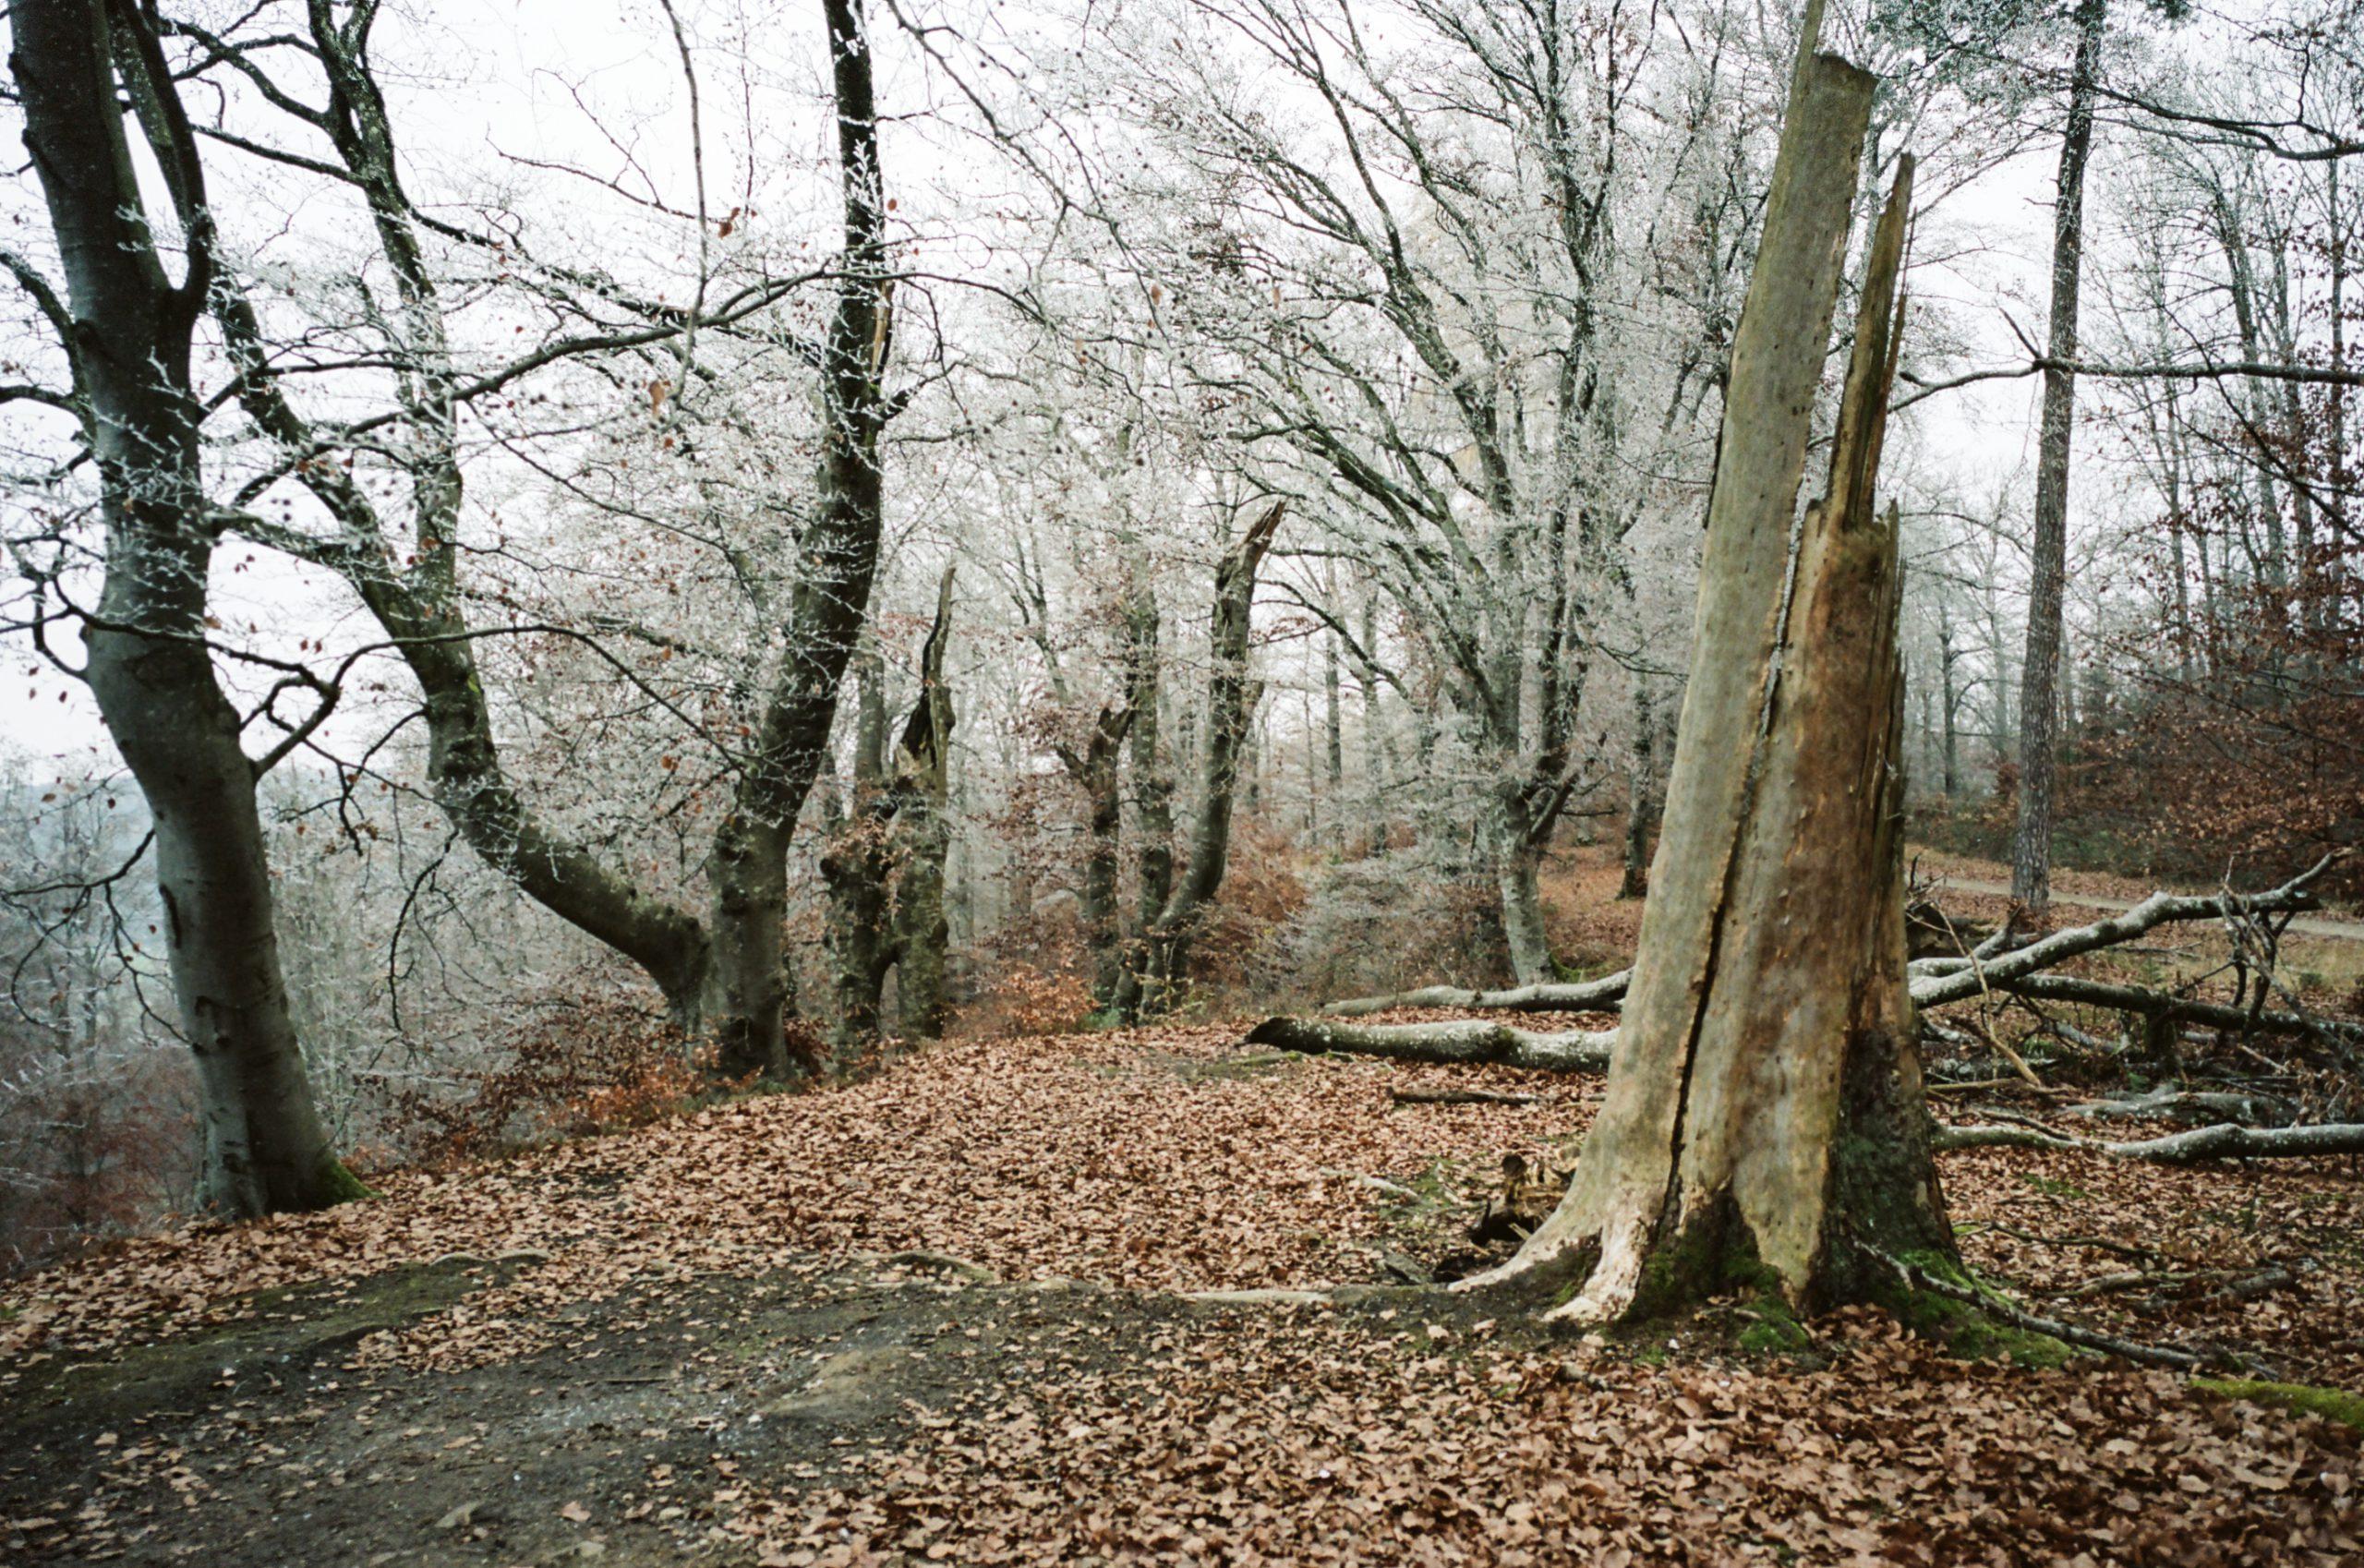 Ein bisschen Eis auf den Bäumen, der Winter ist nicht mehr fern. Zeiss Ikon mit Biogon 35/2.8 ZM. Kodak Portra 160.